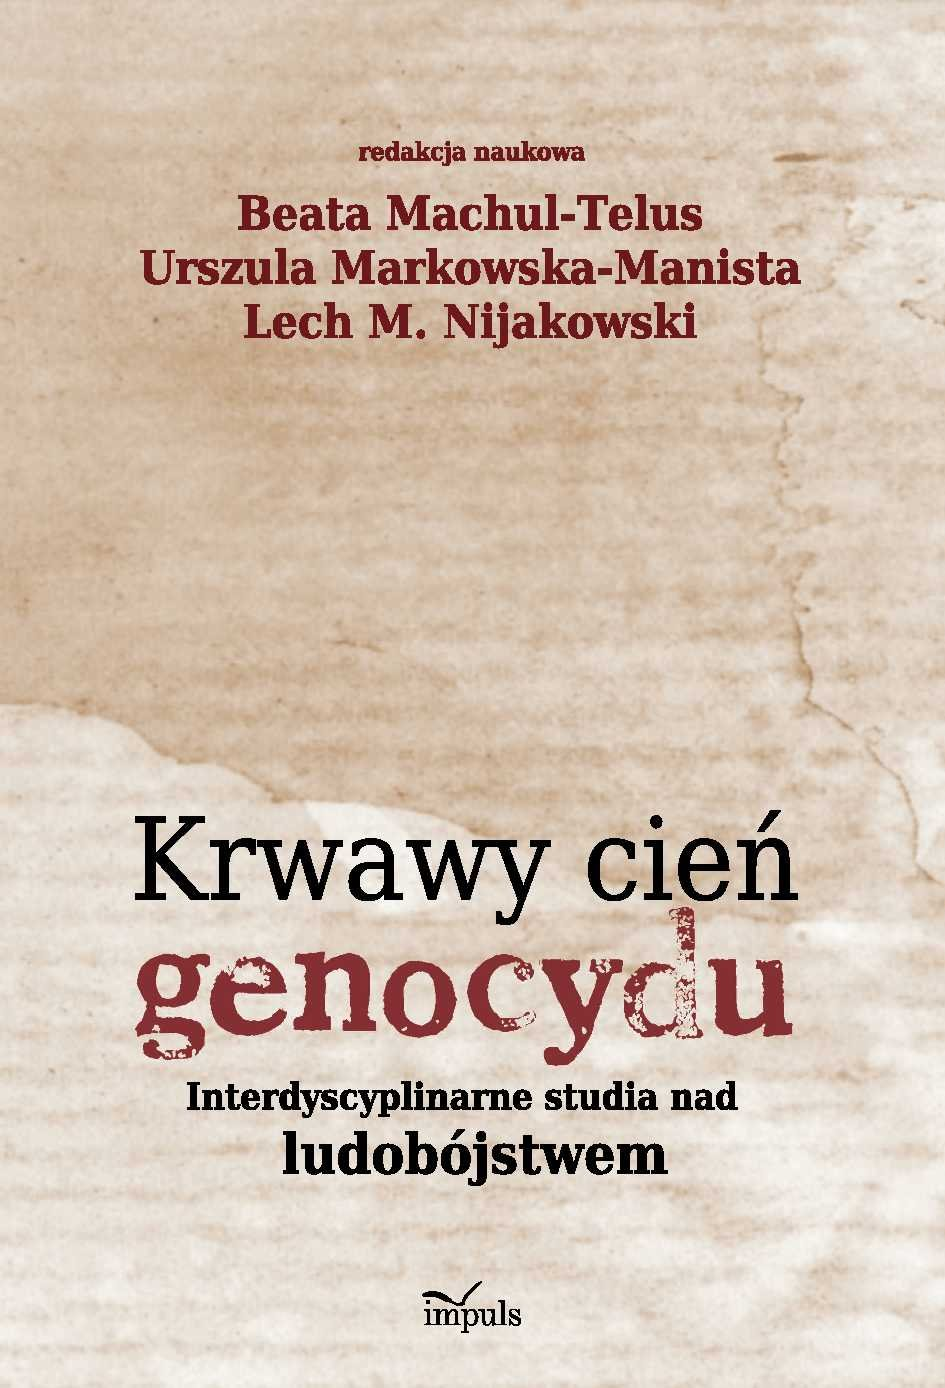 Krwawy cień genocydu - Ebook (Książka PDF) do pobrania w formacie PDF